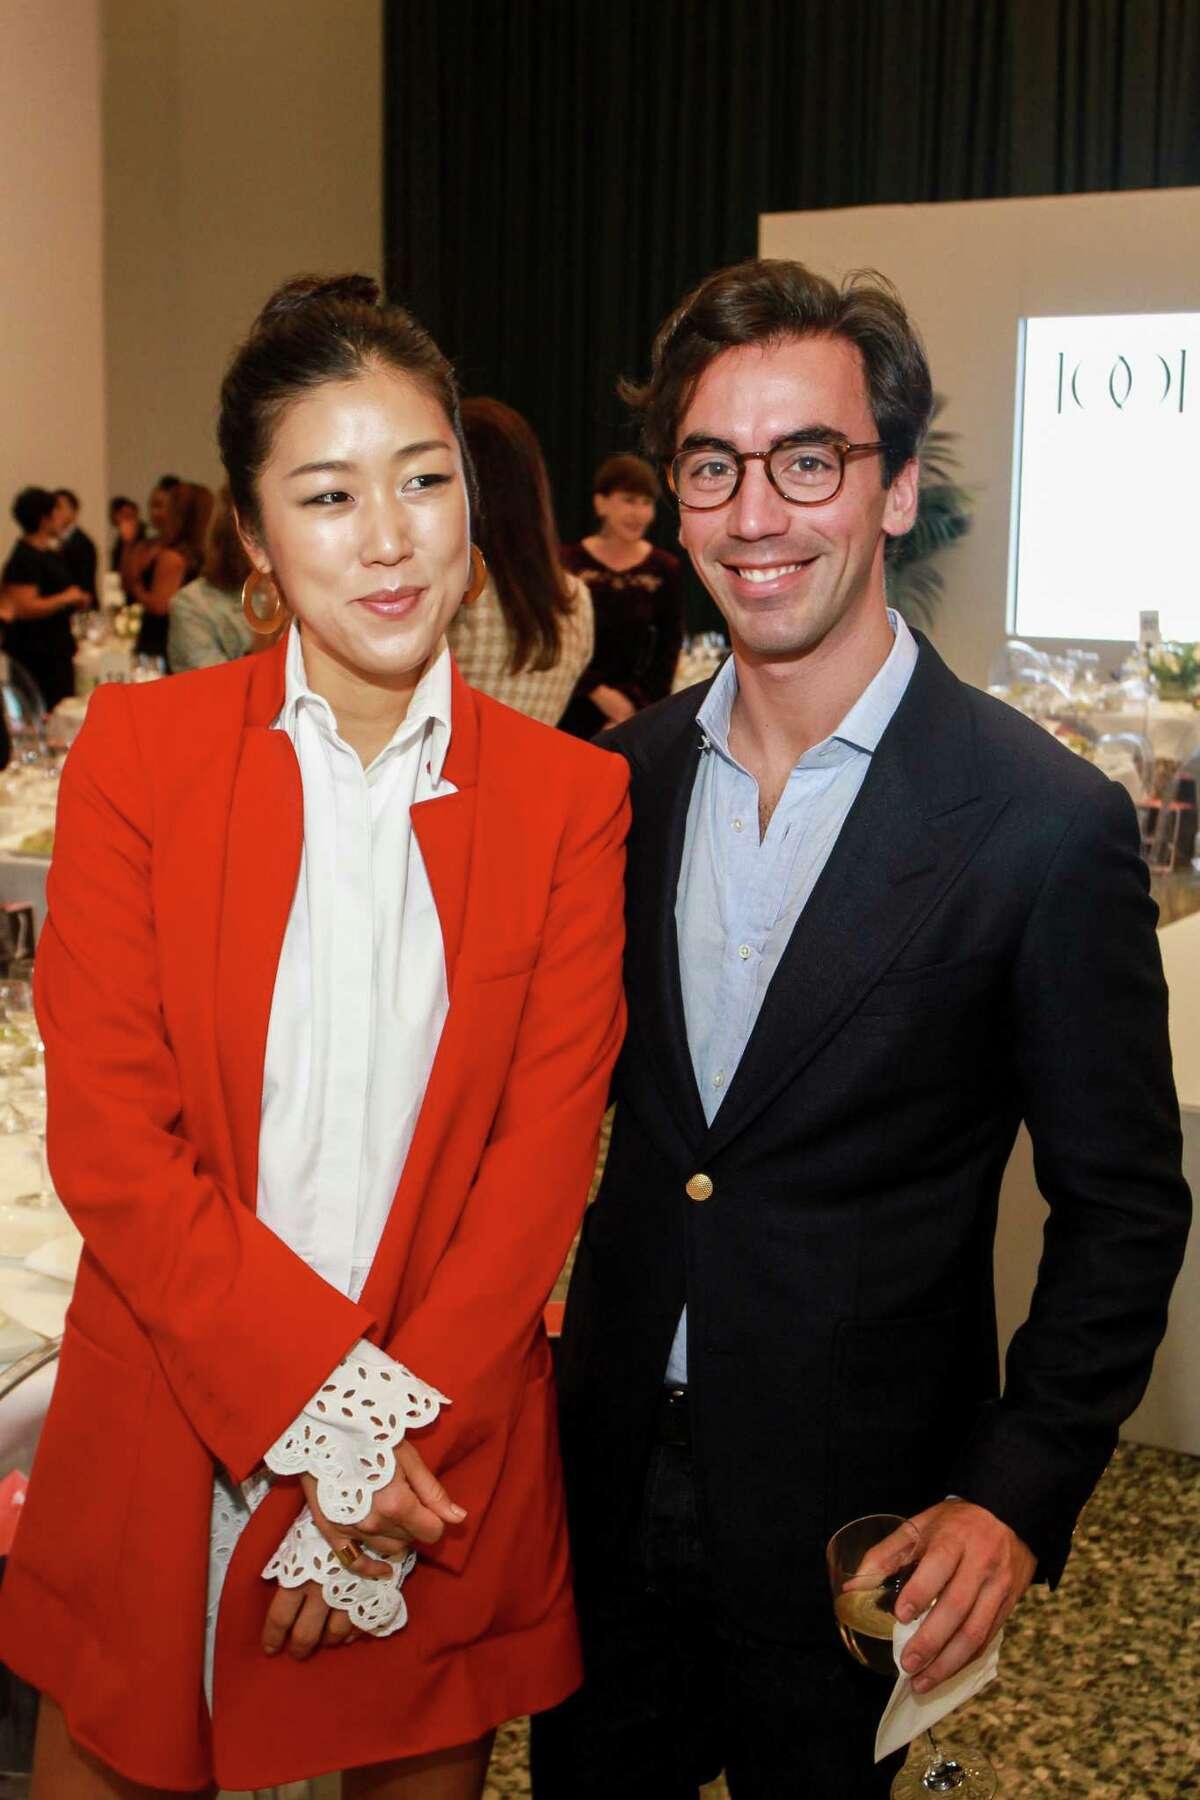 Oscar de la Renta creative directors Laura Kim and Fernando Garcia